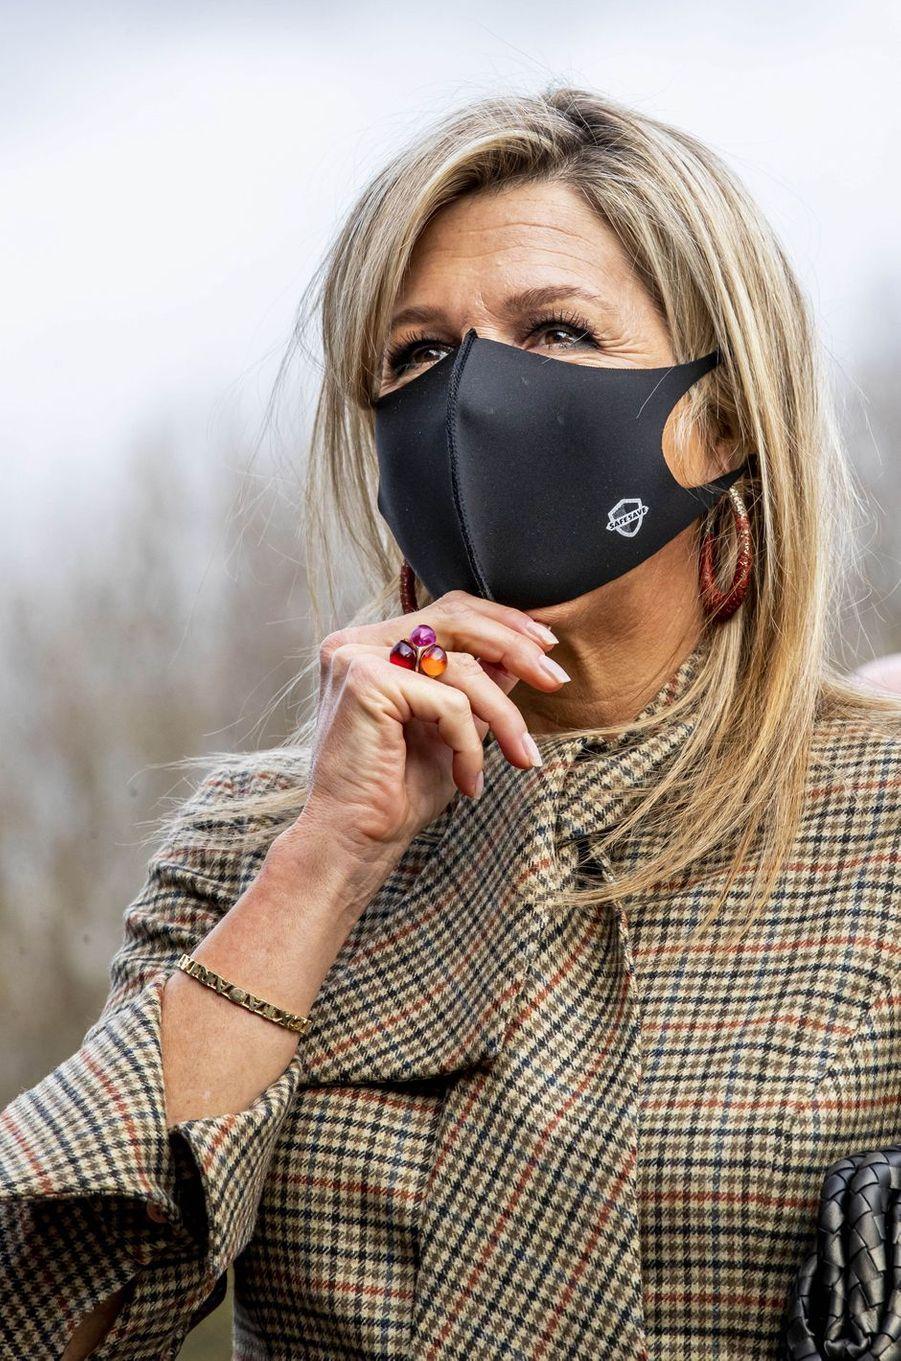 La reine Maxima des Pays-Bas, masquée, à Amsterdam le 5 novembre 2020